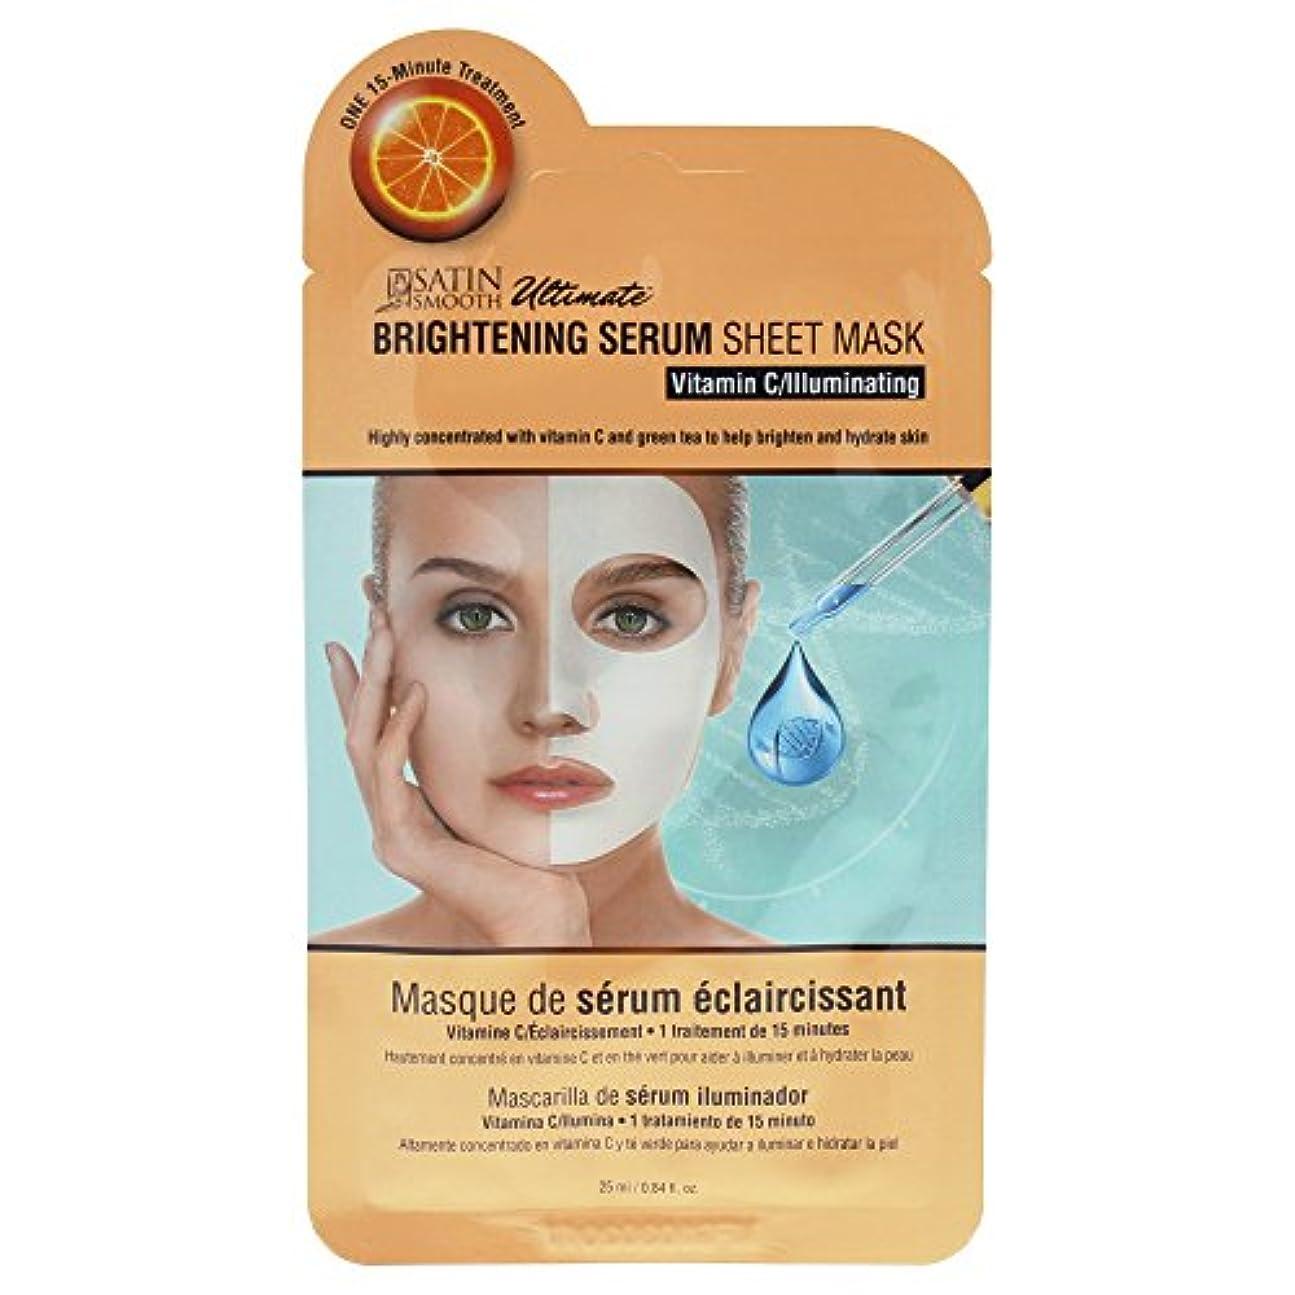 二次究極の自治的Brightening Serum Sheet Mask